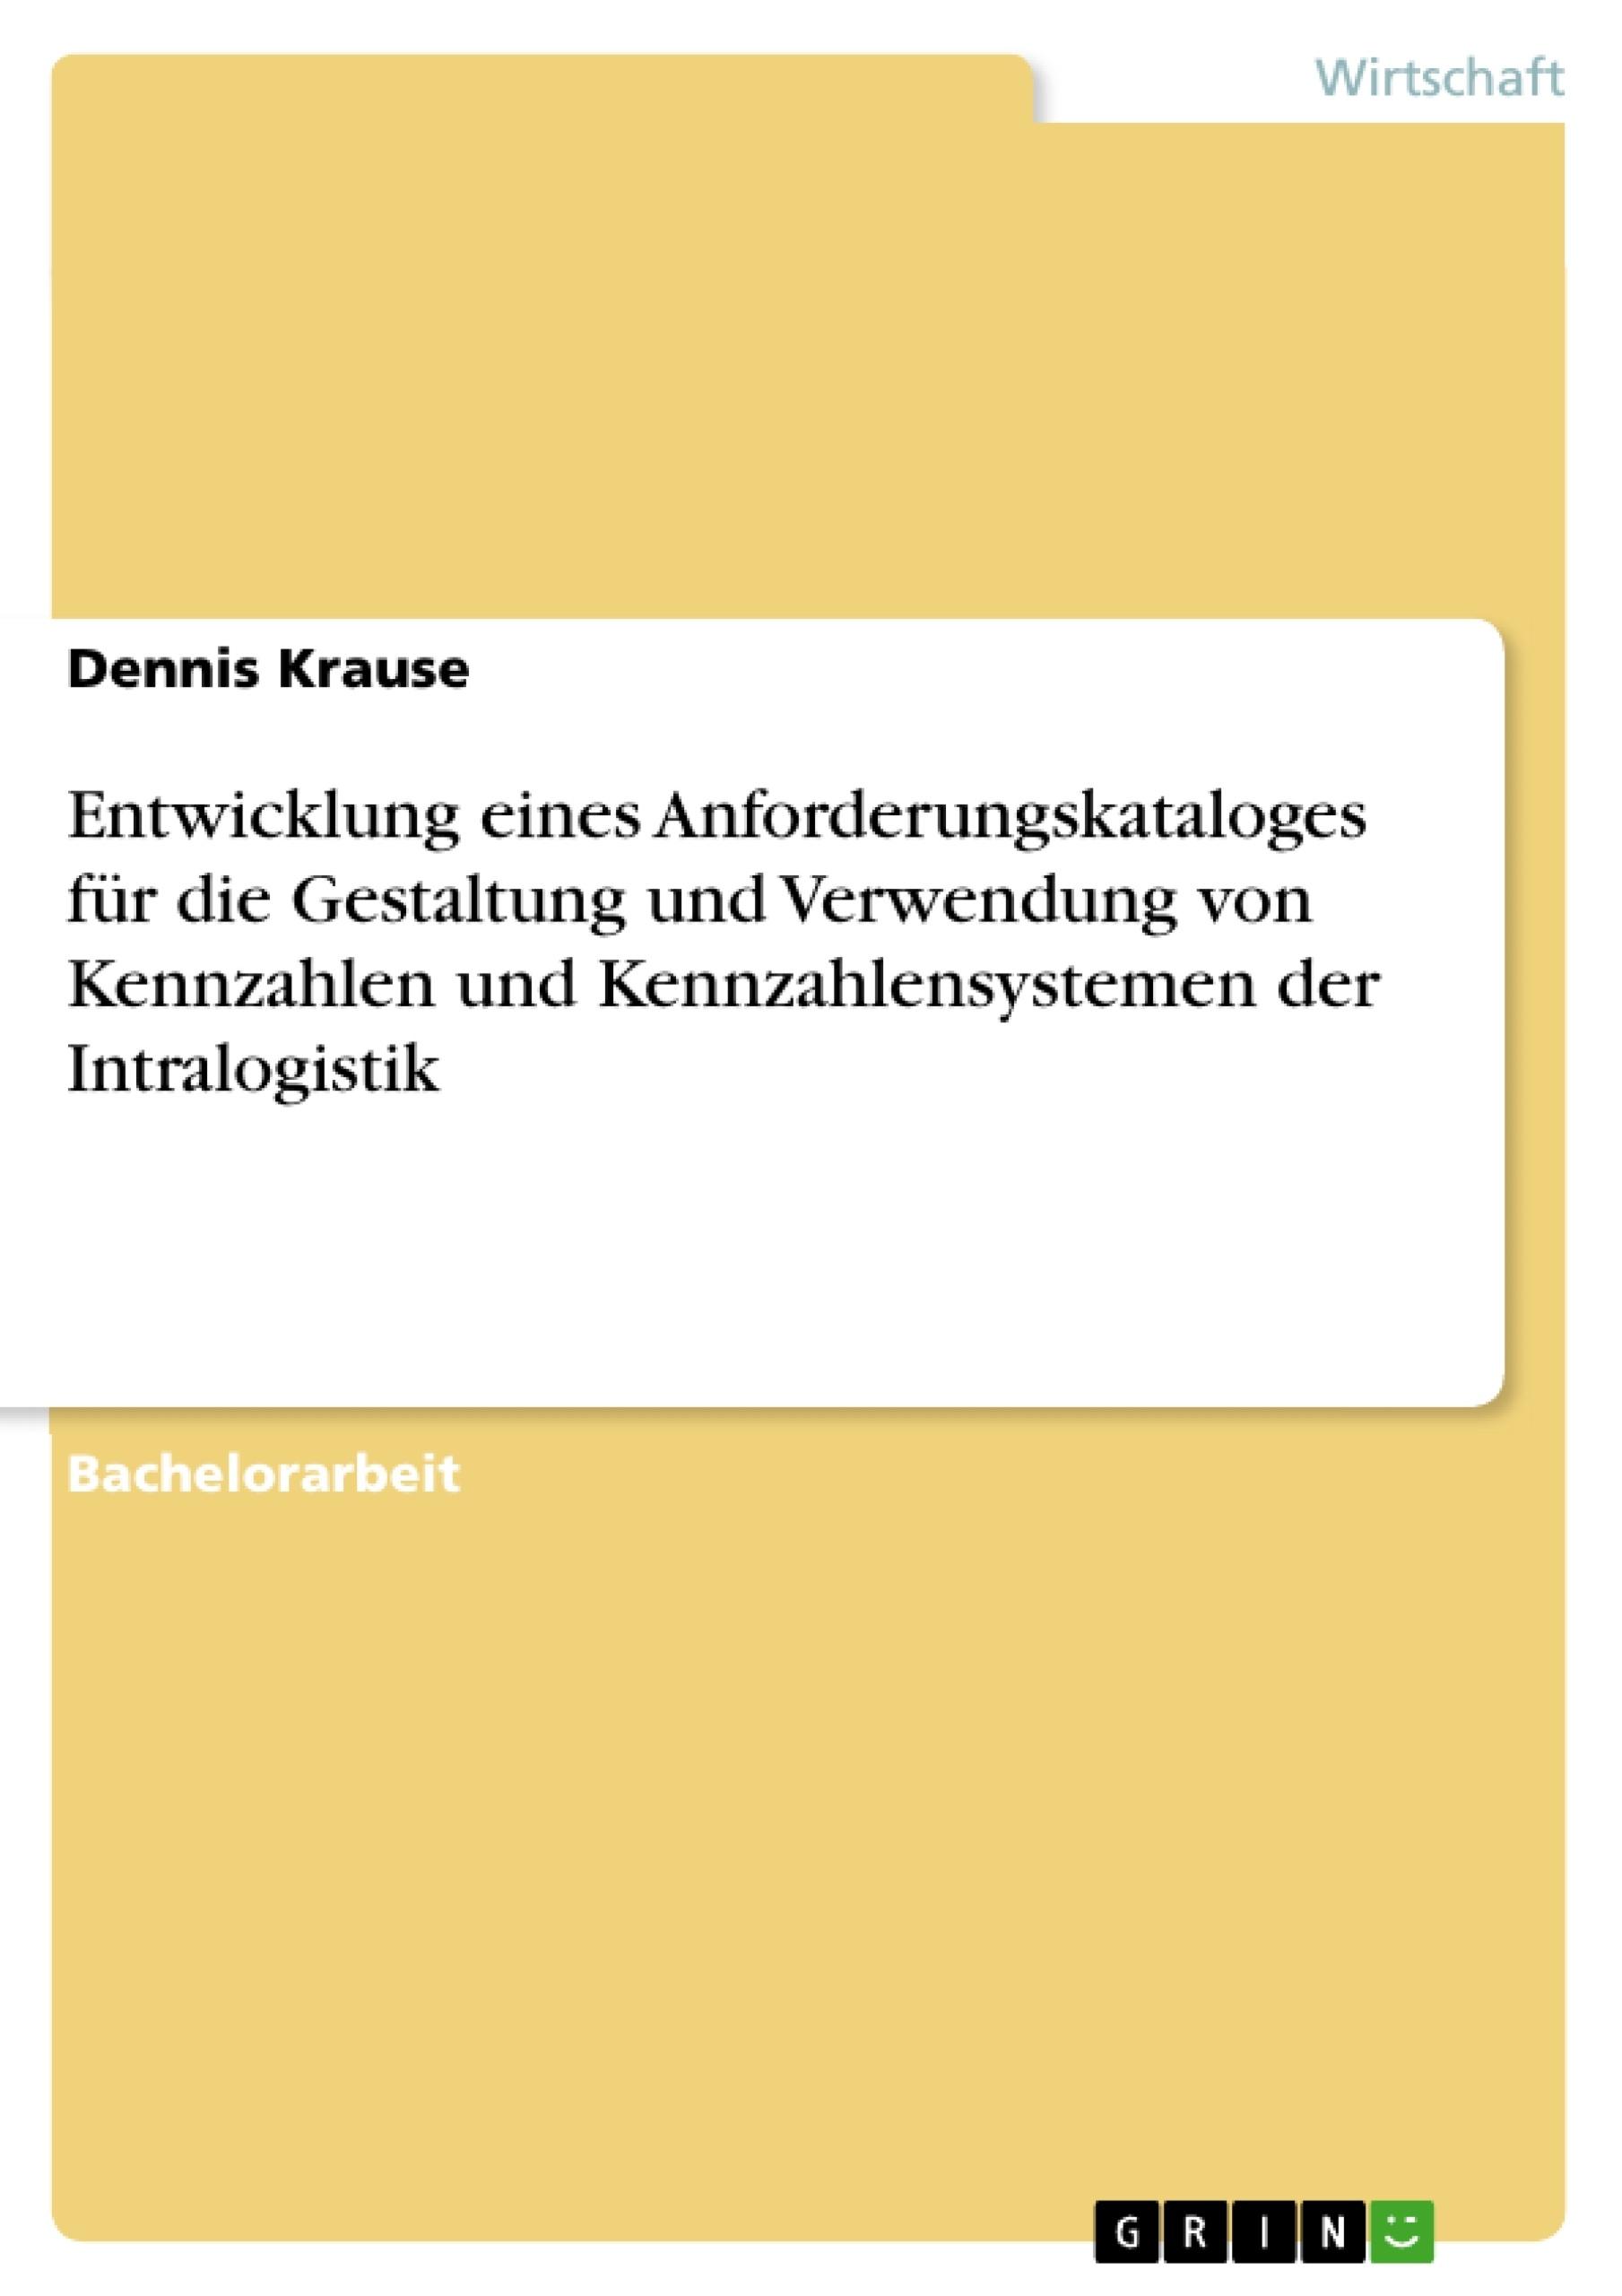 Titel: Entwicklung eines Anforderungskataloges für die Gestaltung und Verwendung von Kennzahlen und Kennzahlensystemen der Intralogistik